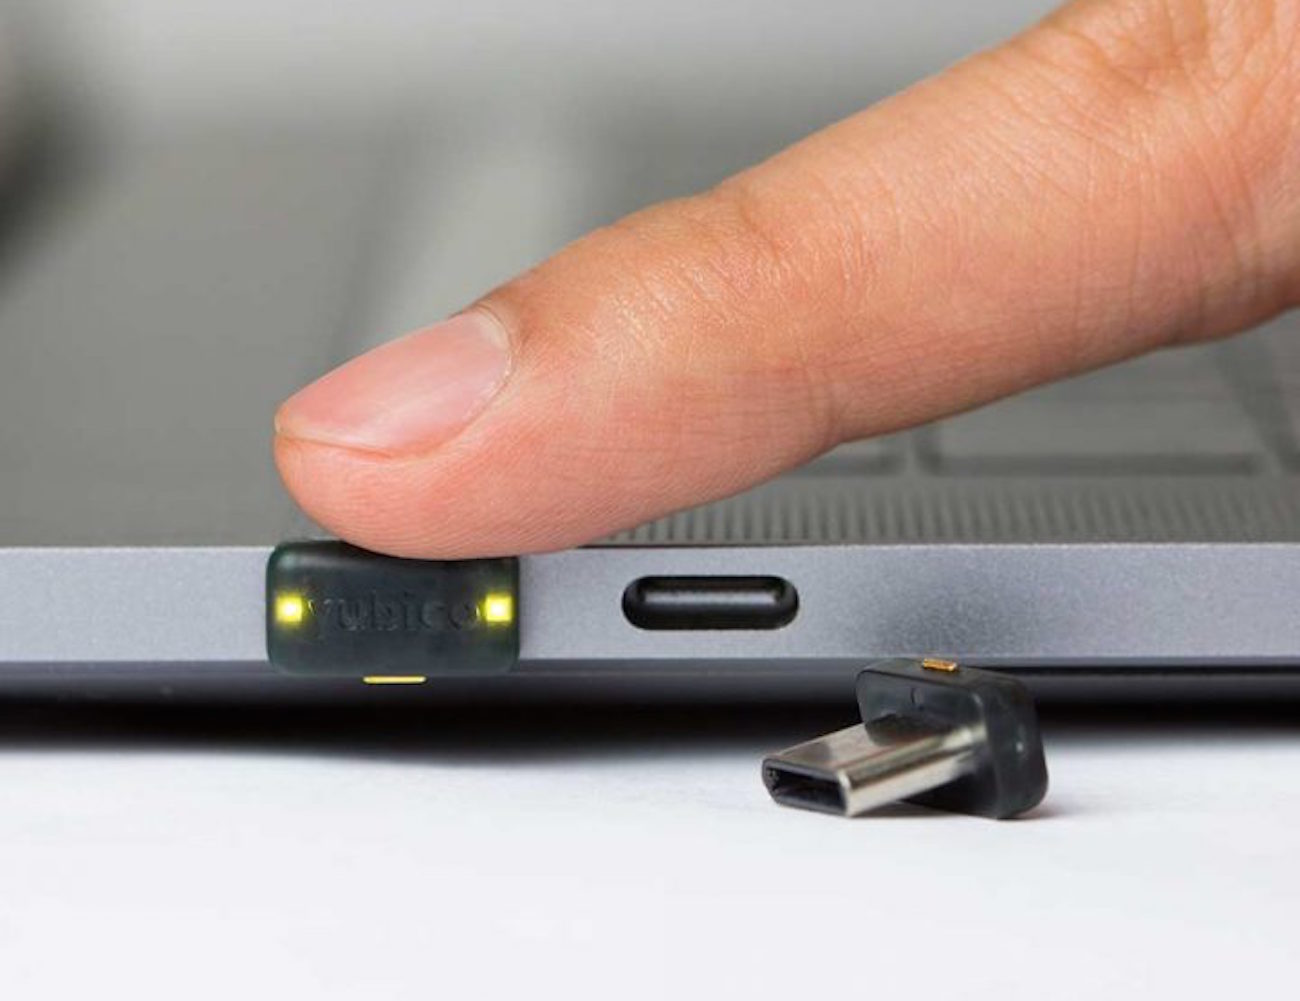 YubiKey 4C Nano USB-C Authentication Key